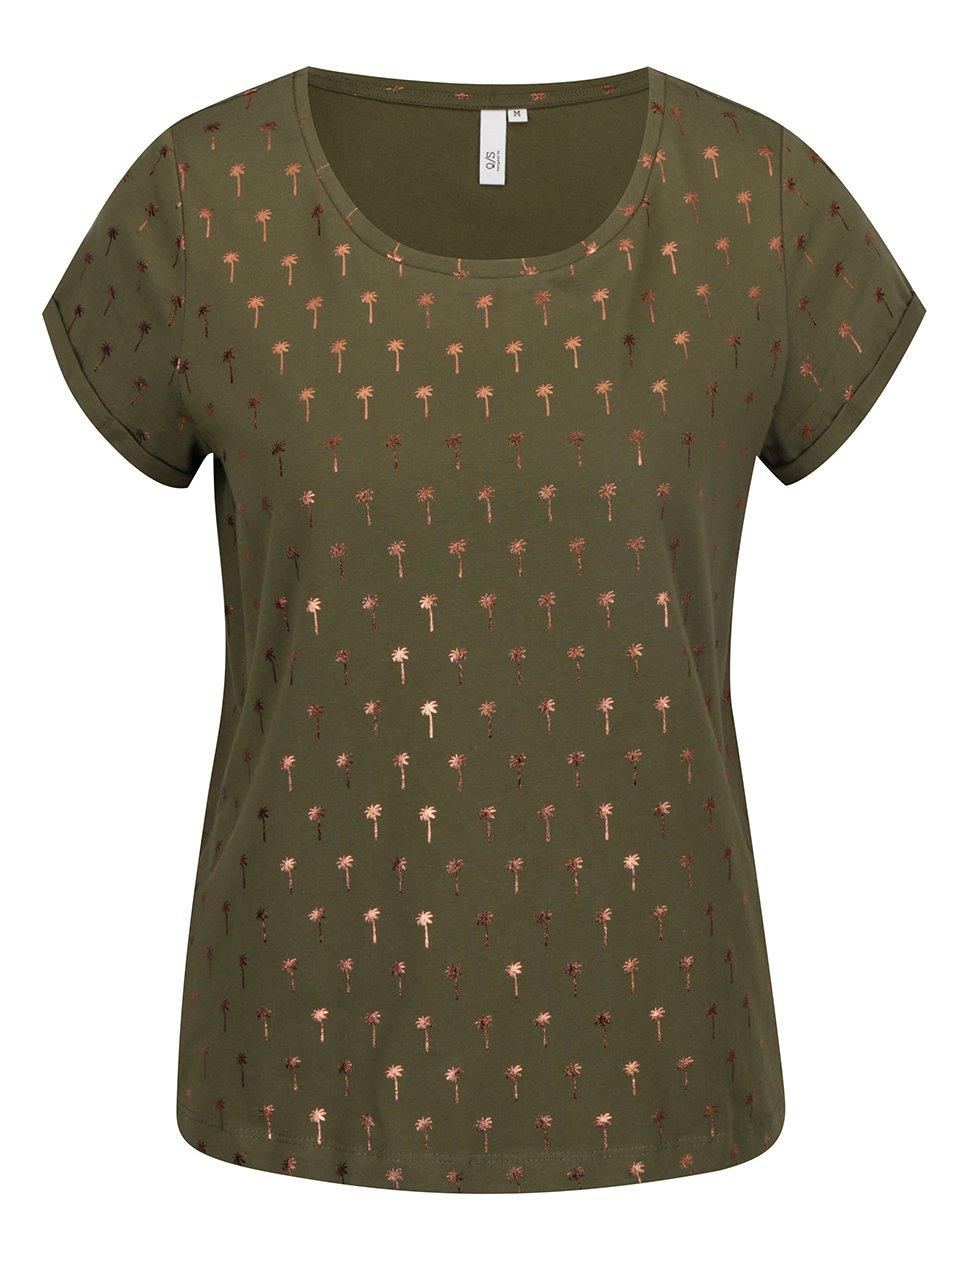 Khaki dámské tričko s potiskem palem v růžovozlaté barvě QS by s.Oliver